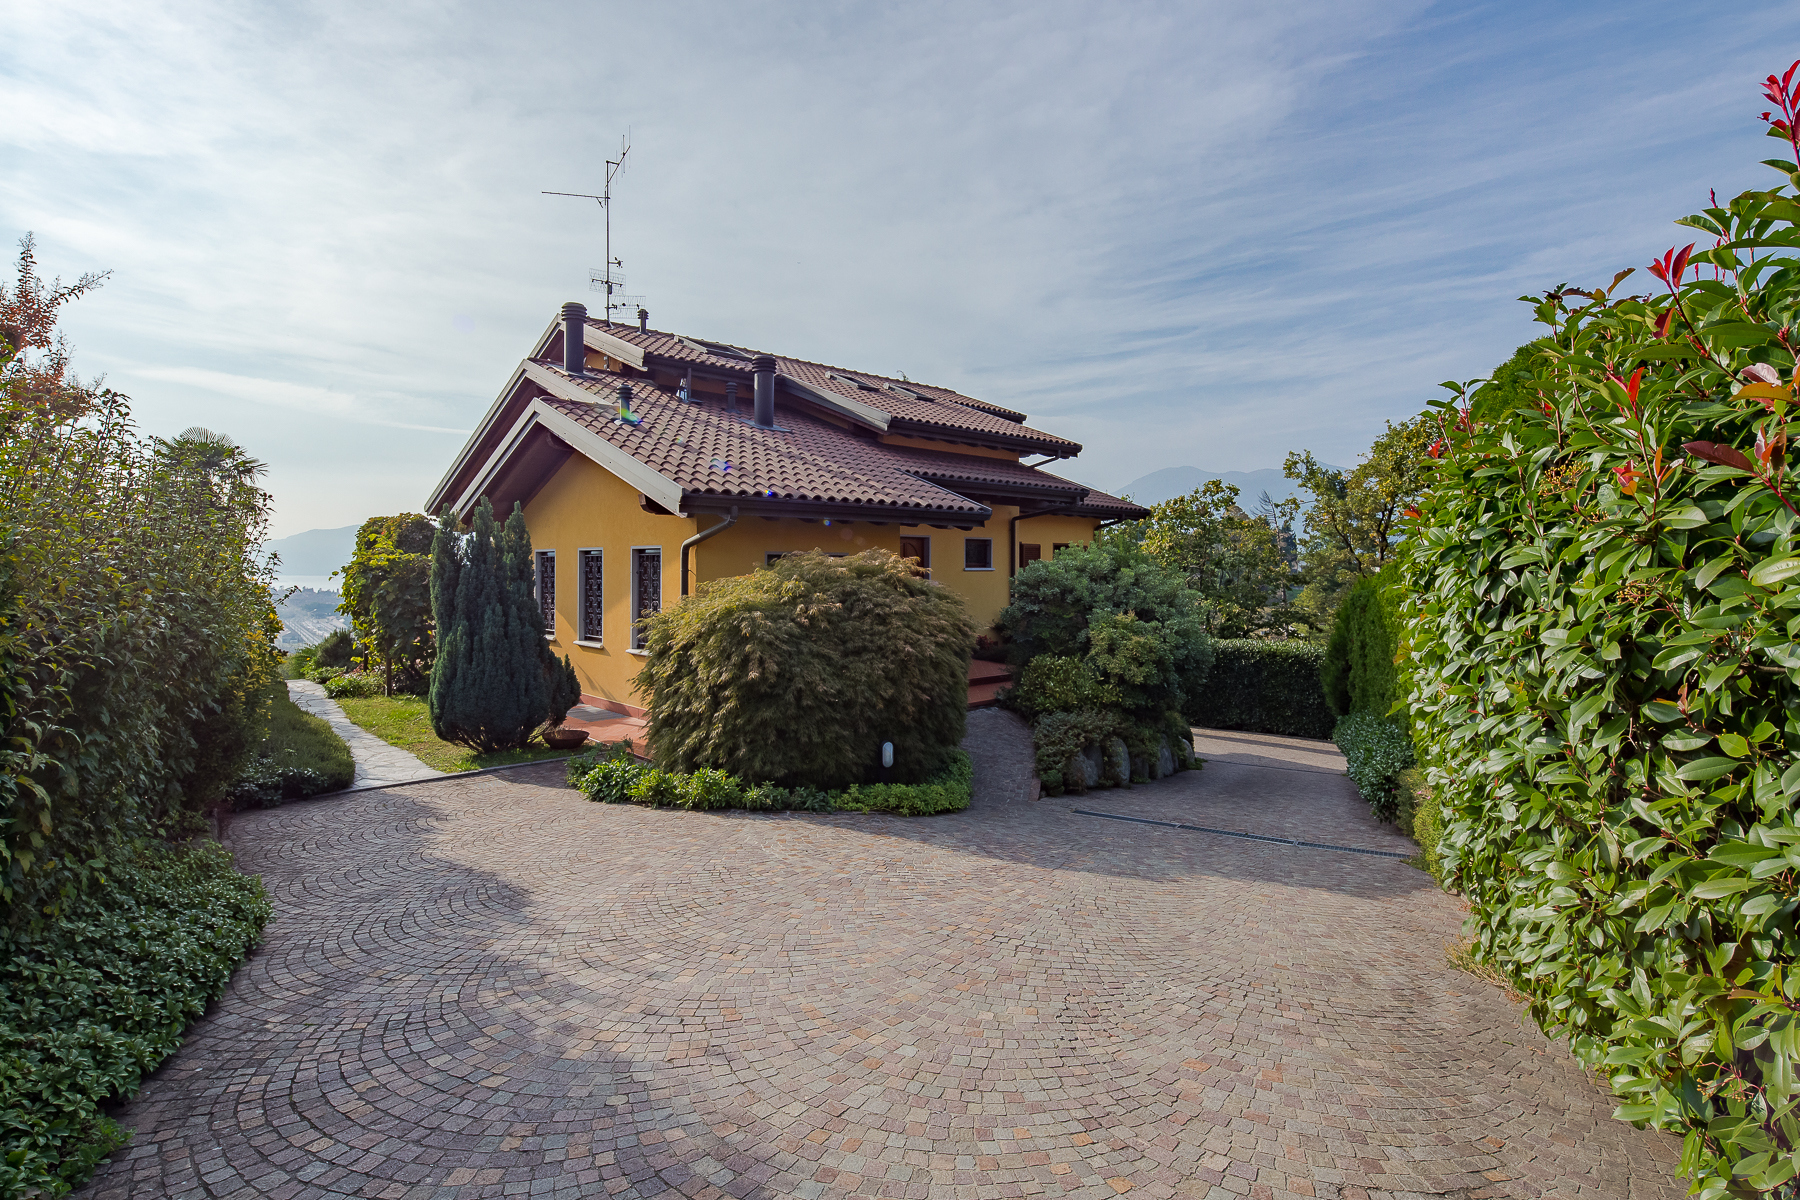 Villa in Vendita a Luino: 5 locali, 324 mq - Foto 7